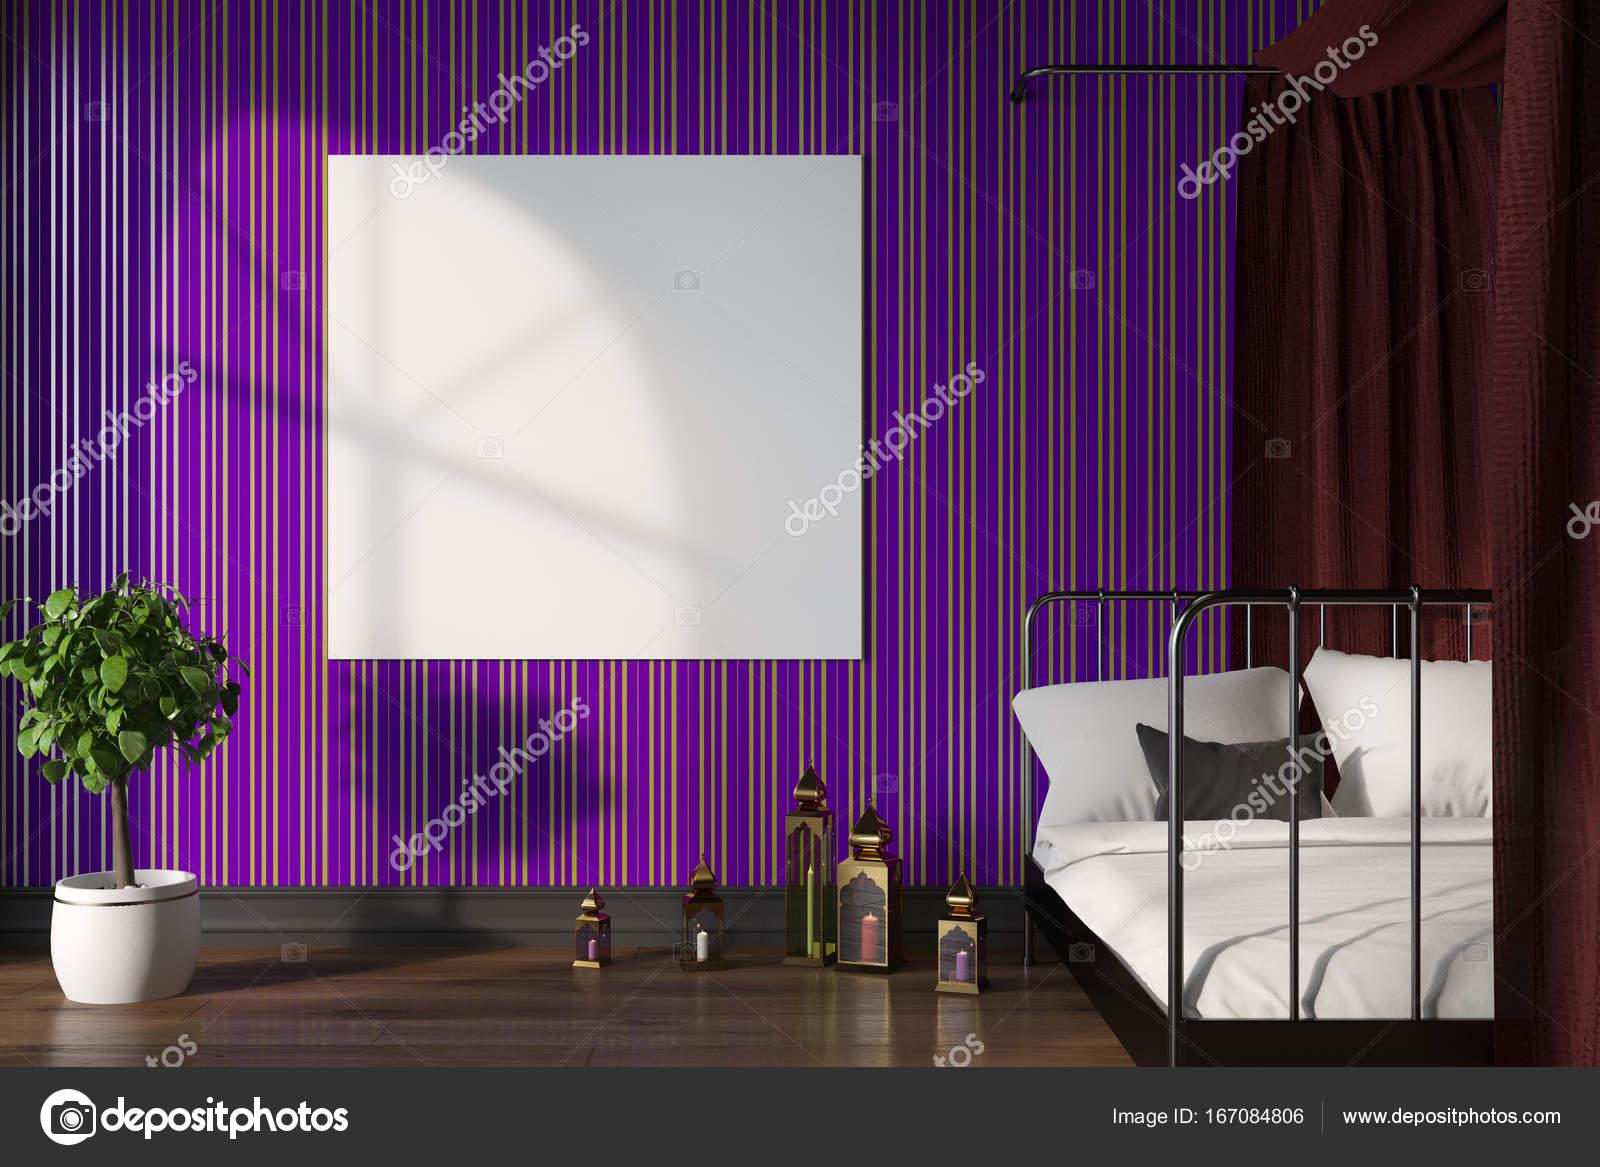 Camere Da Letto Viola : Camera da letto viola poster u foto stock denisismagilov